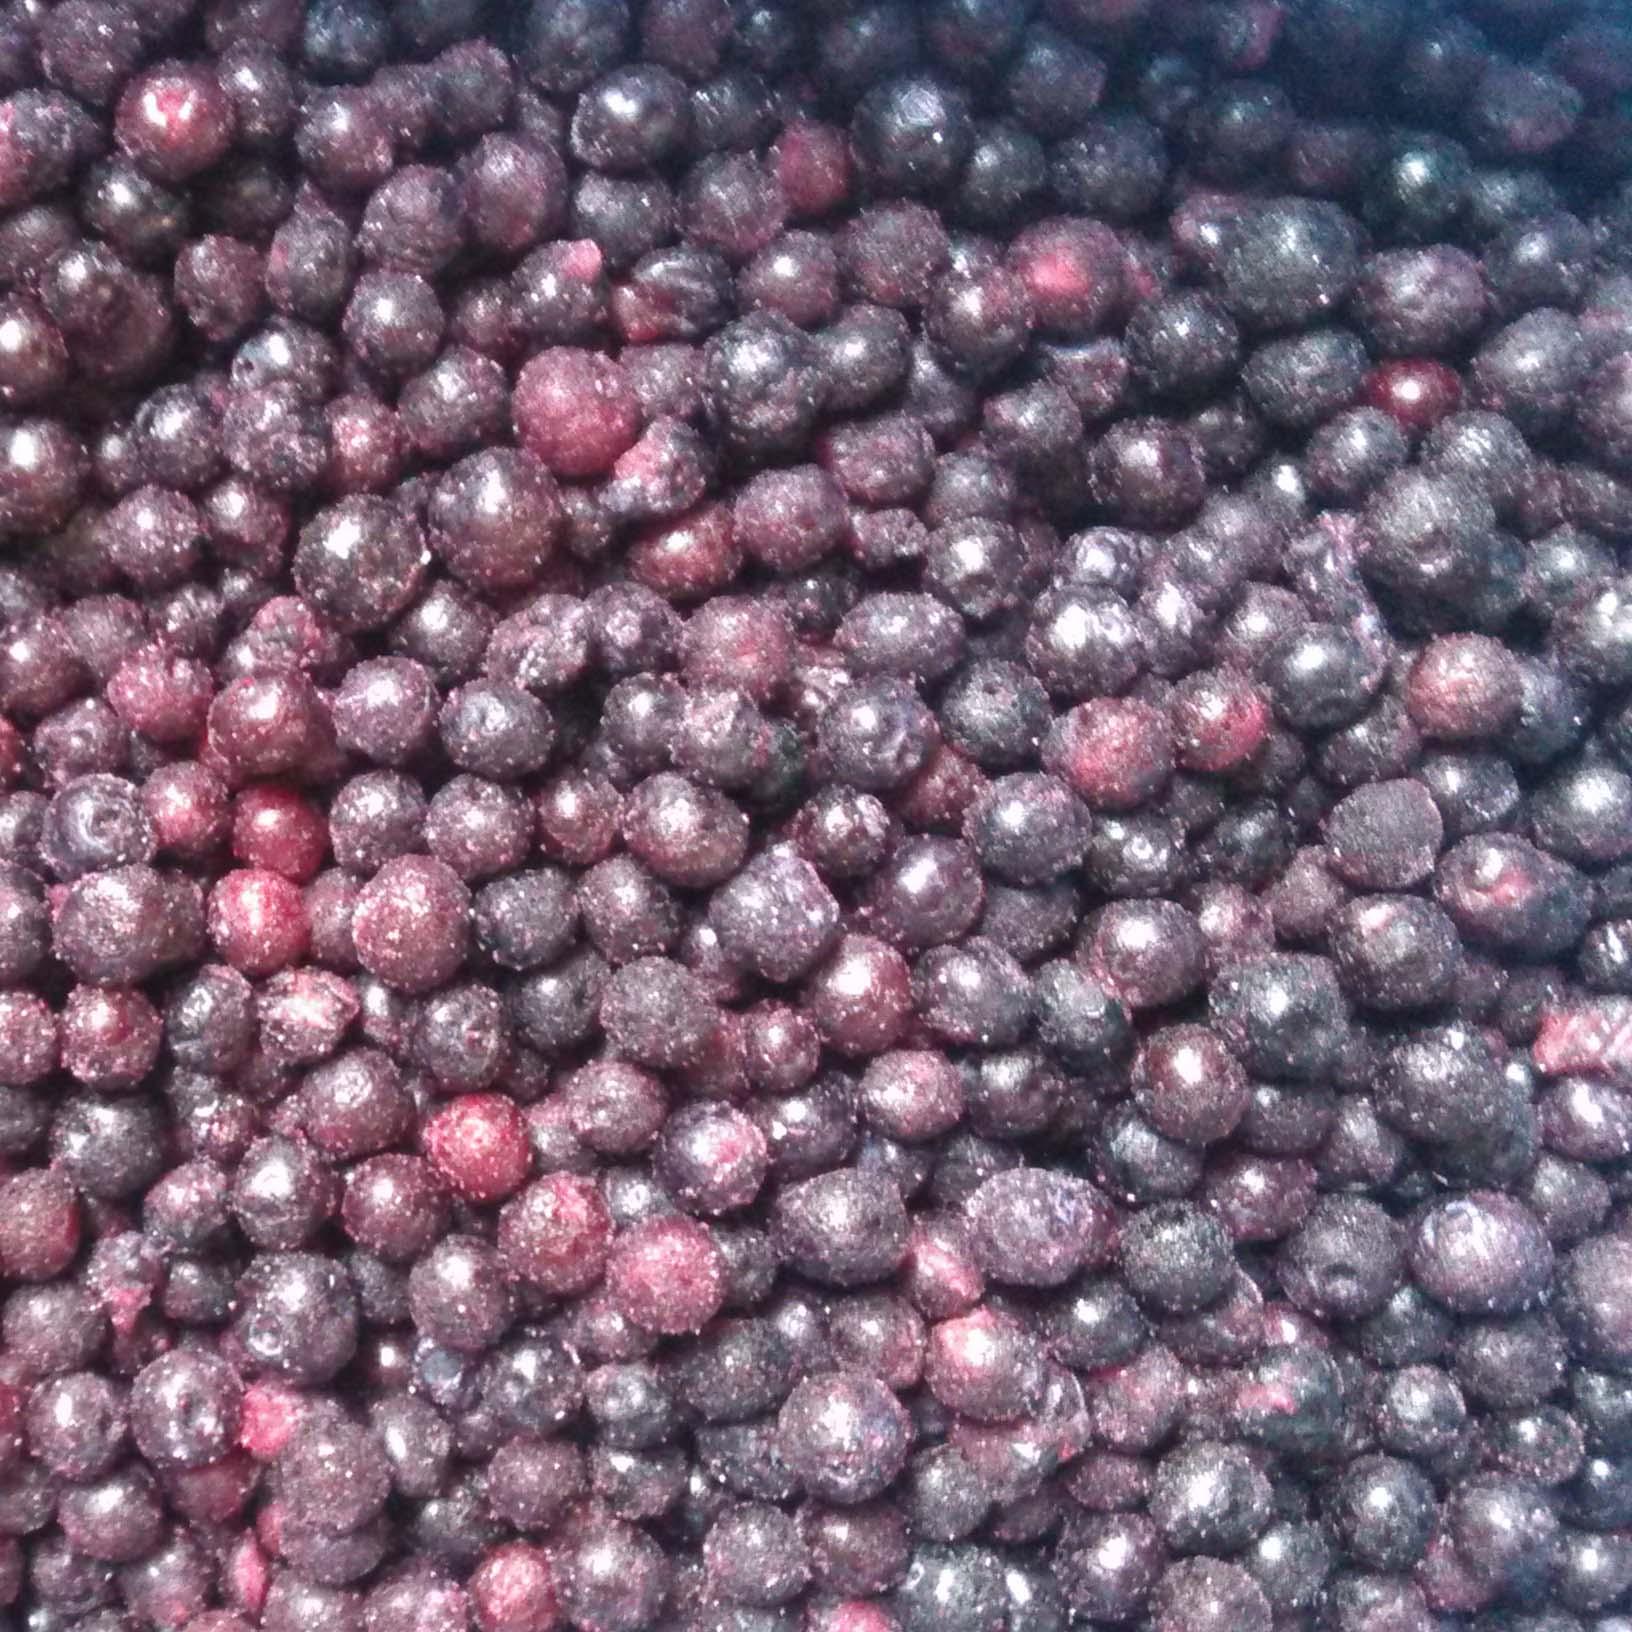 加拿大野生蓝莓